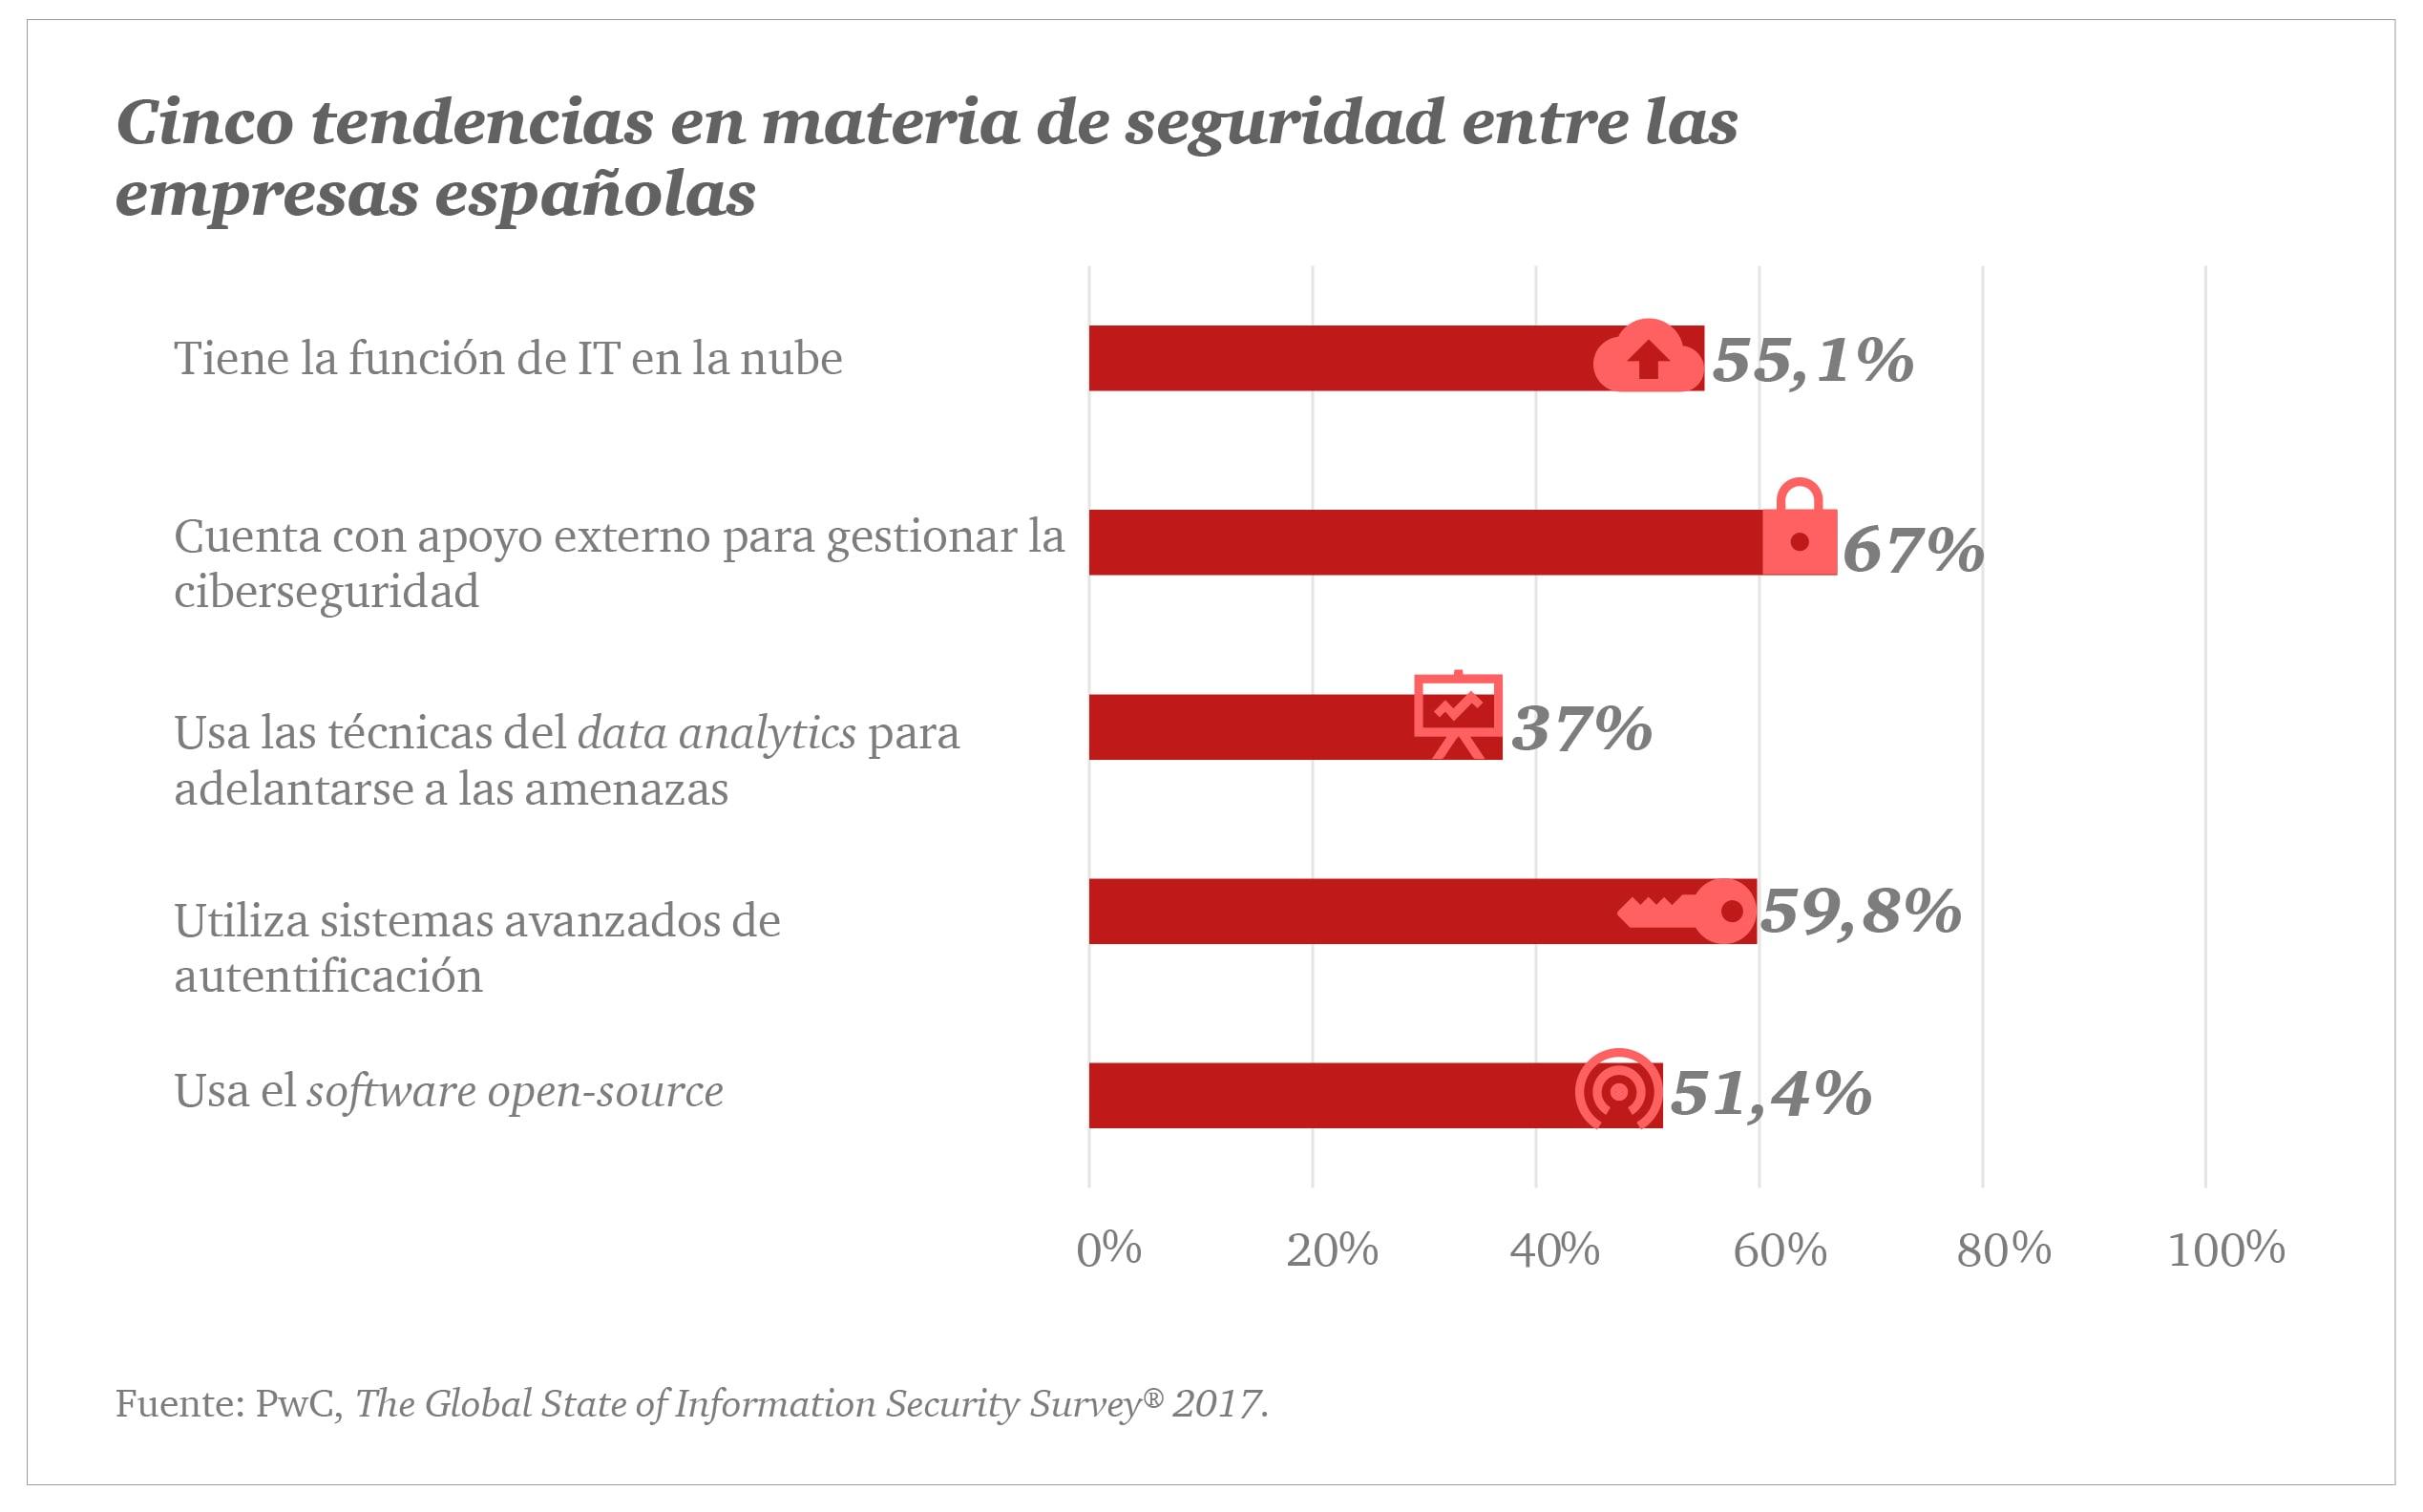 5 tendencias en materia de seguridad entre las empresas españolas